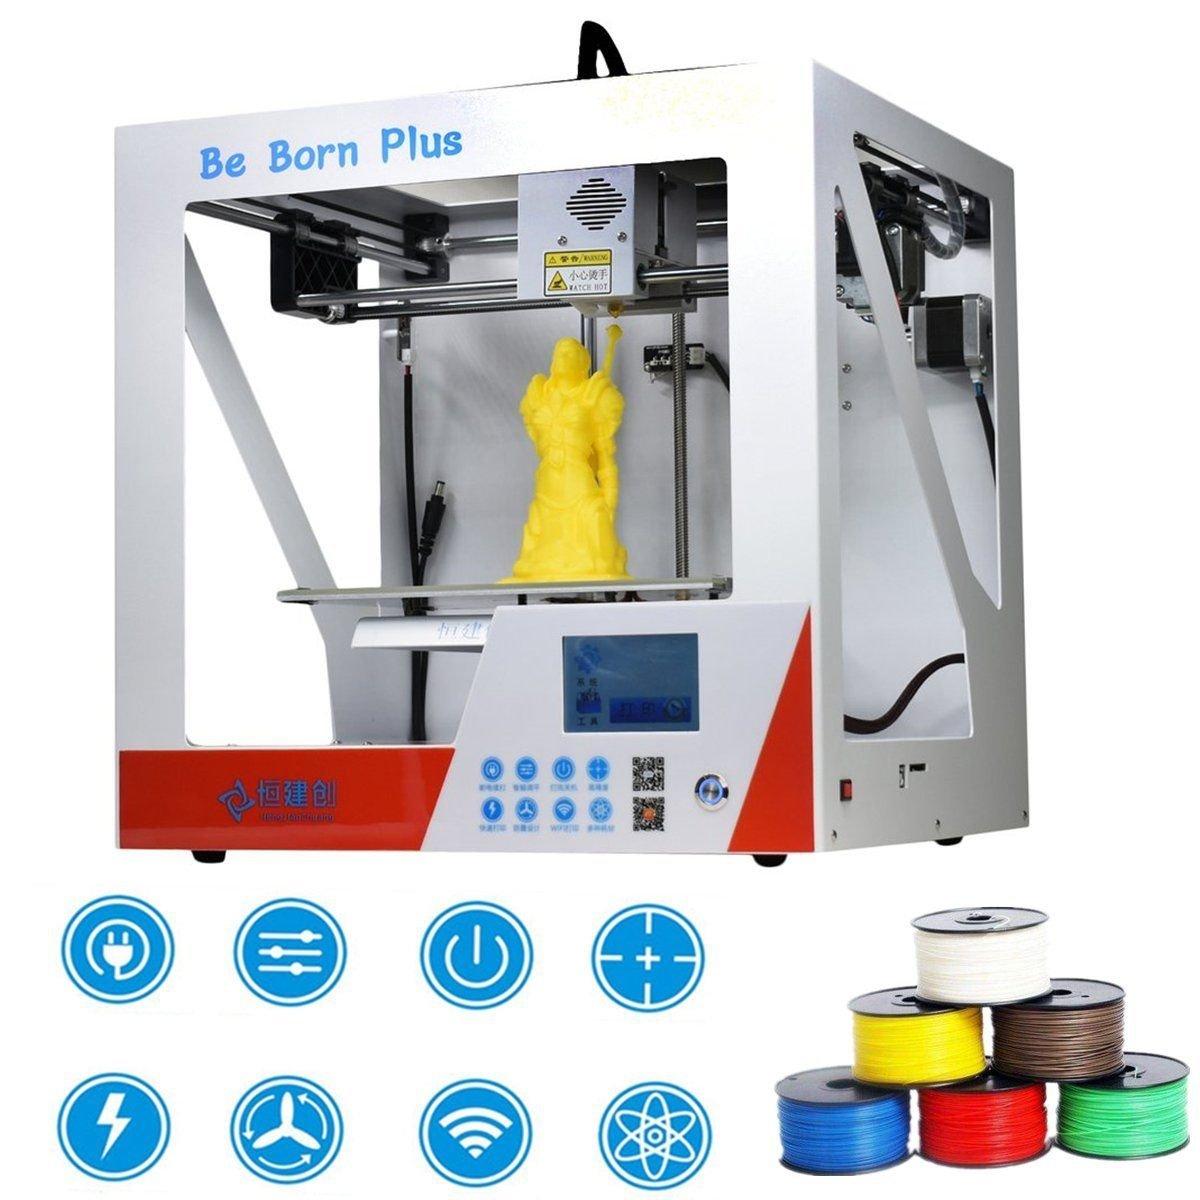 NUEVO Impresora 3d DIY be Born Plus mejorada Completo Calidad High ...